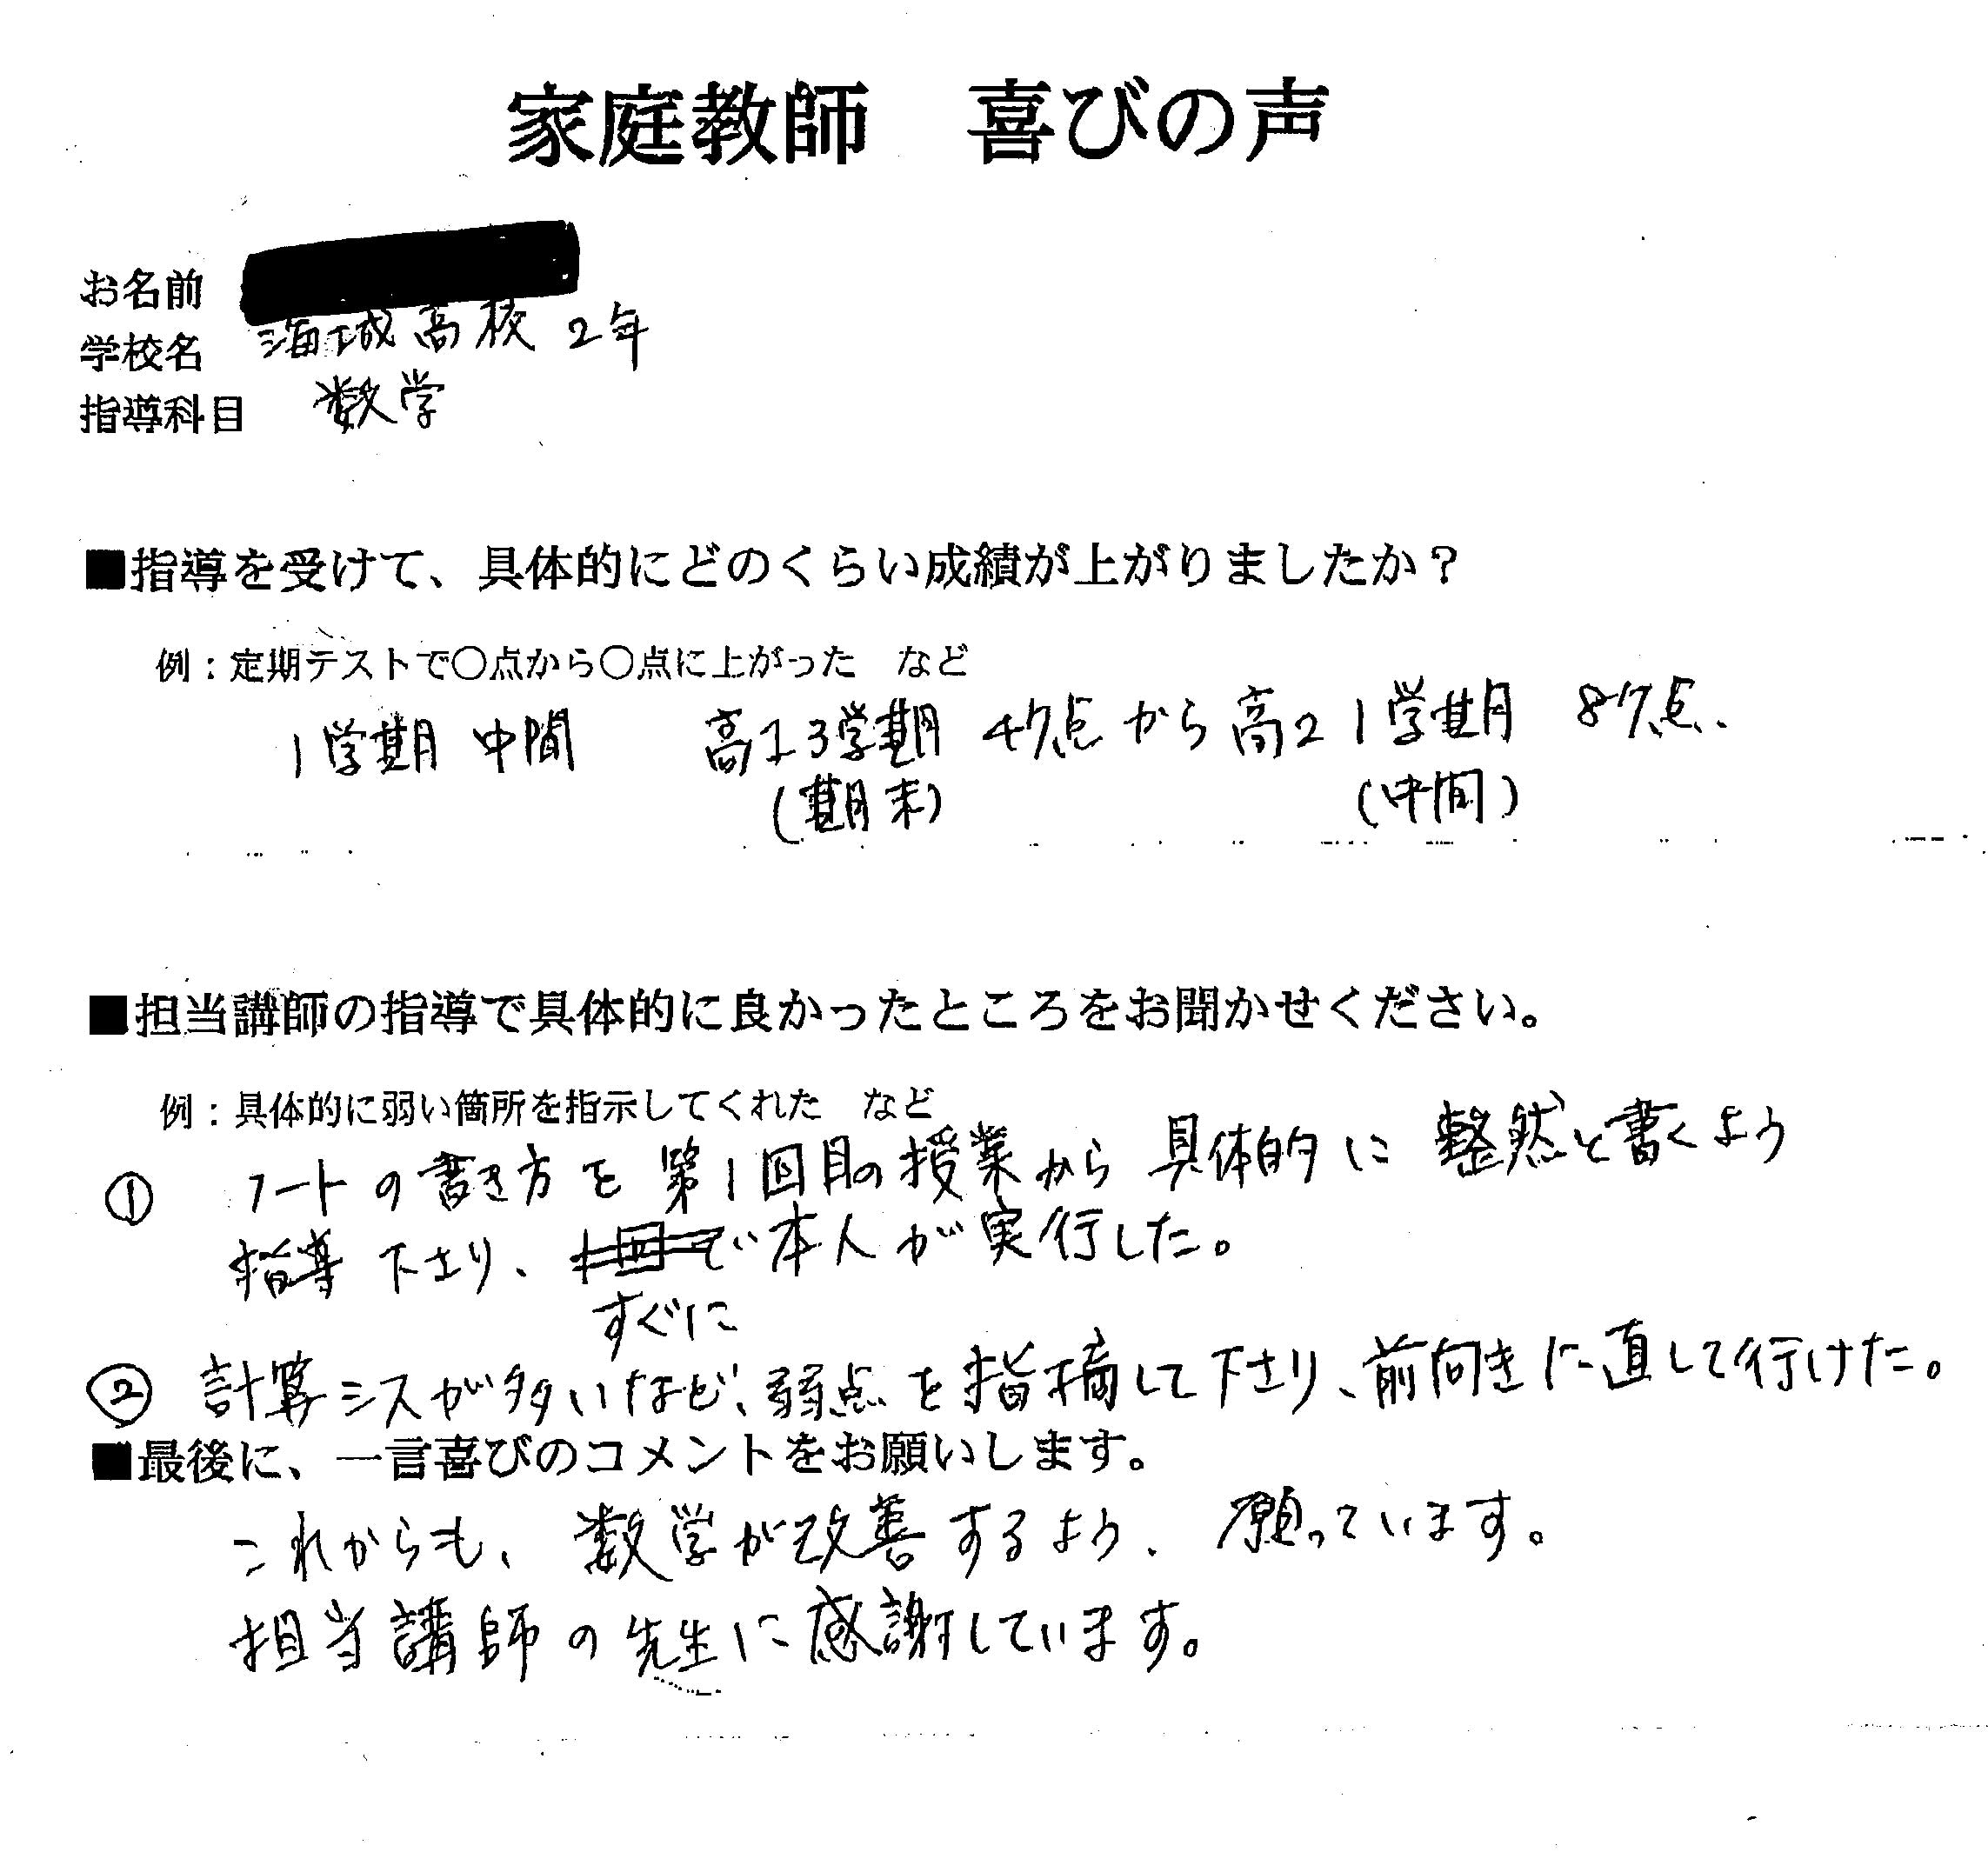 海城高校 2年 山田さん(仮名)